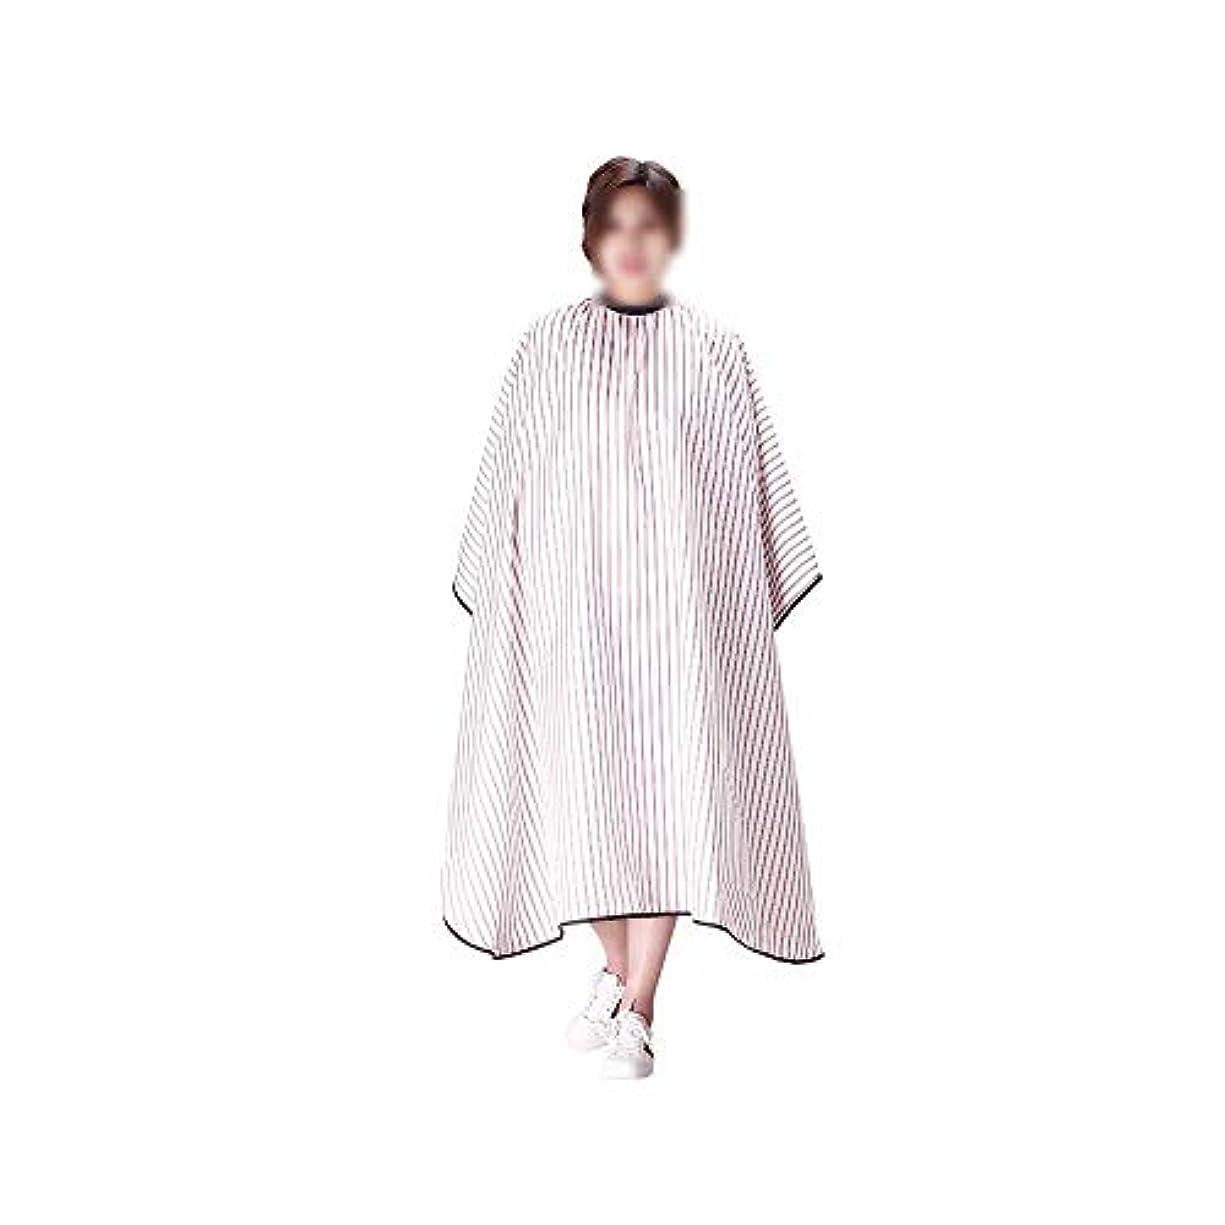 隠されたパイント予算Lucy Day ユニセックス散髪ケーププロサロンストライプケープ理髪理髪散髪エプロン布 (色 : ピンク)